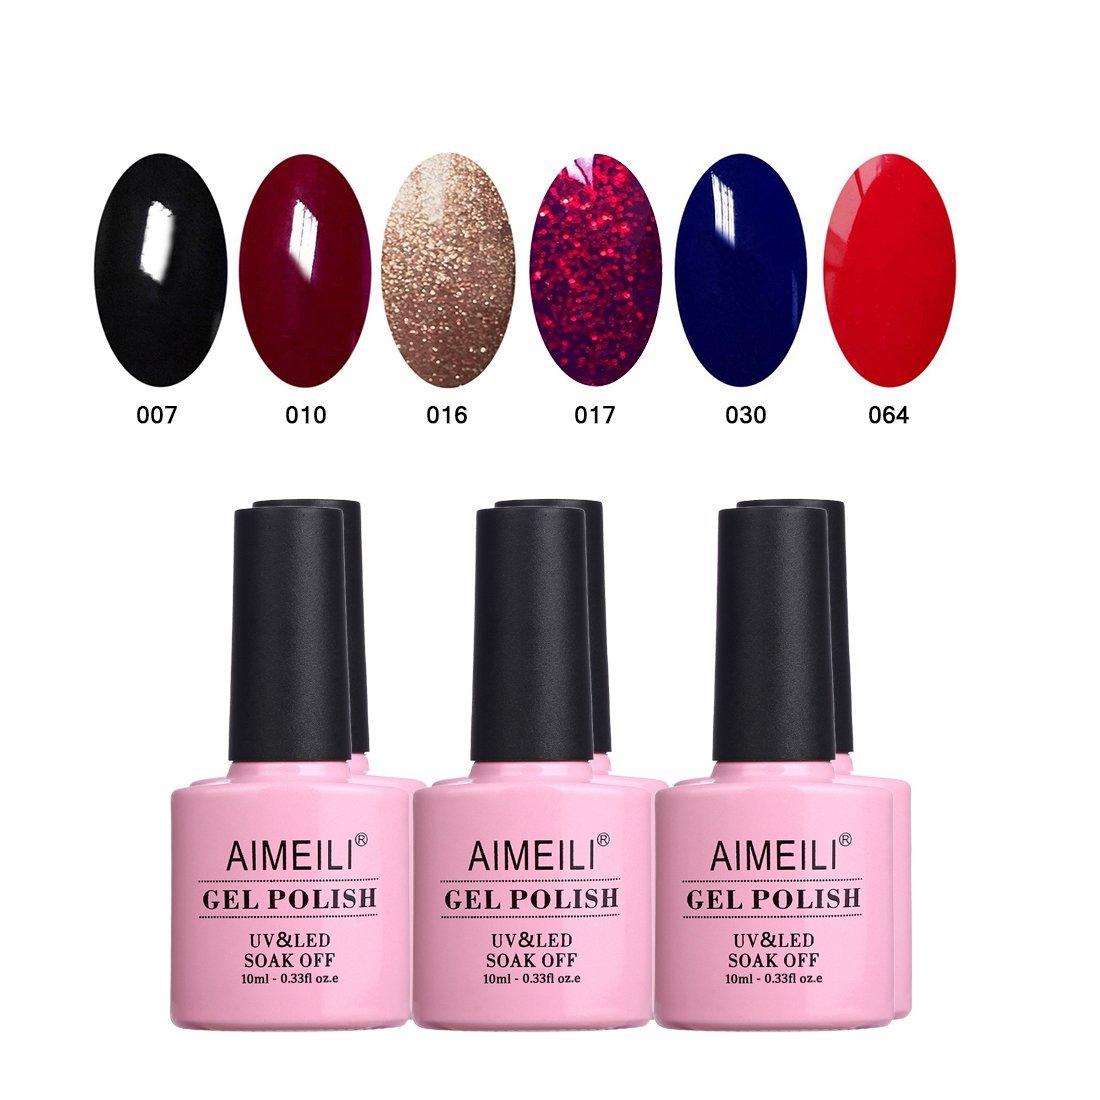 AIMEILI Gel Nail Polish Set Soak Off UV LED Gel Polish Multicolour/Mix Colour/Combo Colour Of 6pcs X 10ml - Gift Kit 19